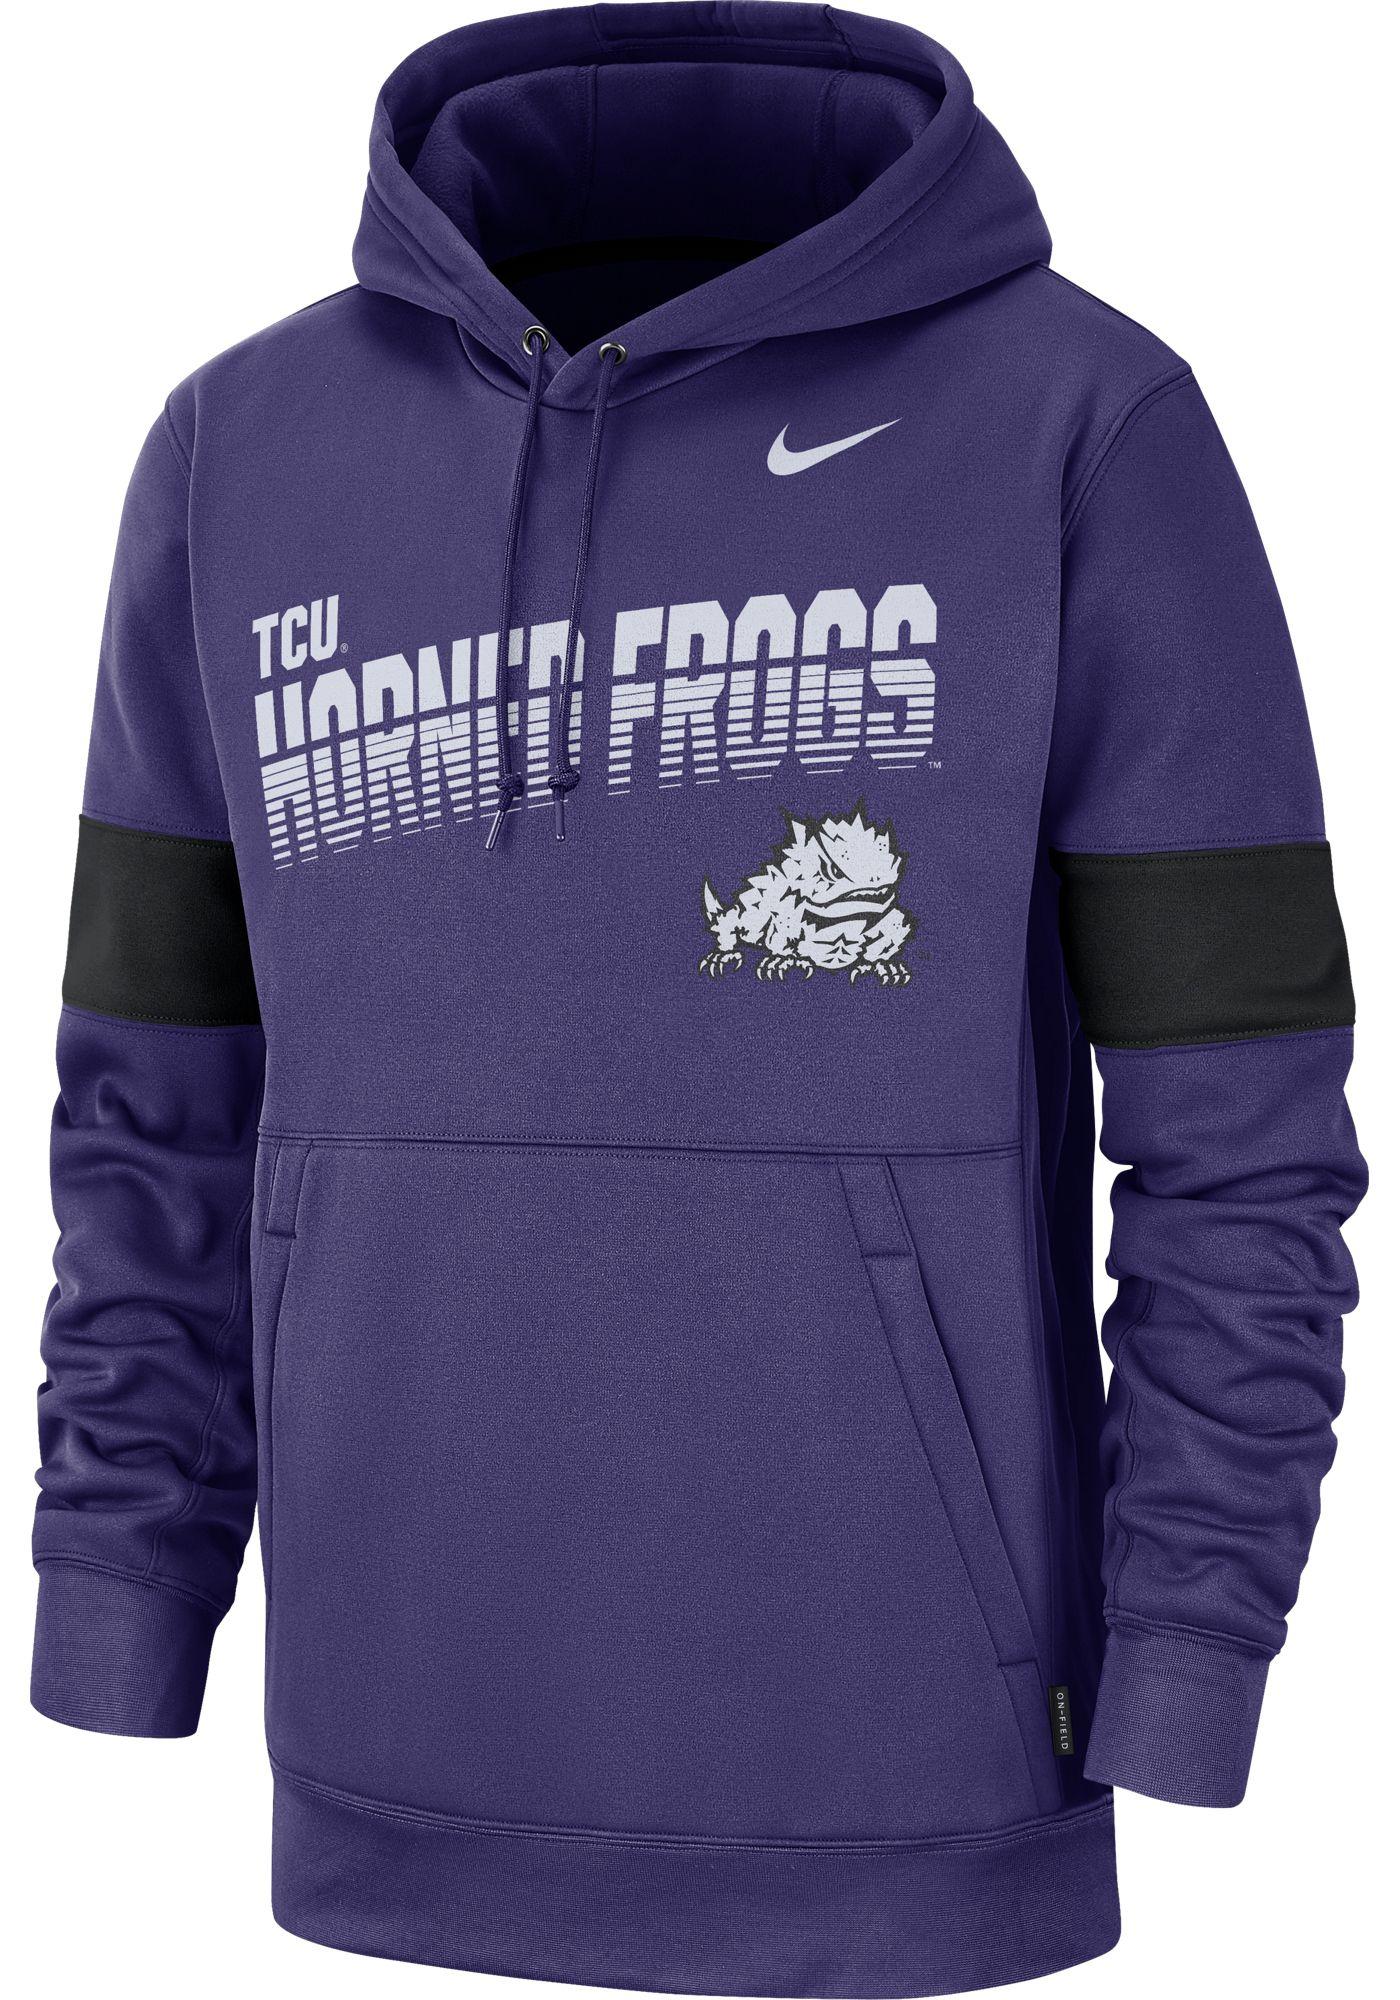 Nike Men's TCU Horned Frogs Purple Therma Football Sideline Pullover Hoodie